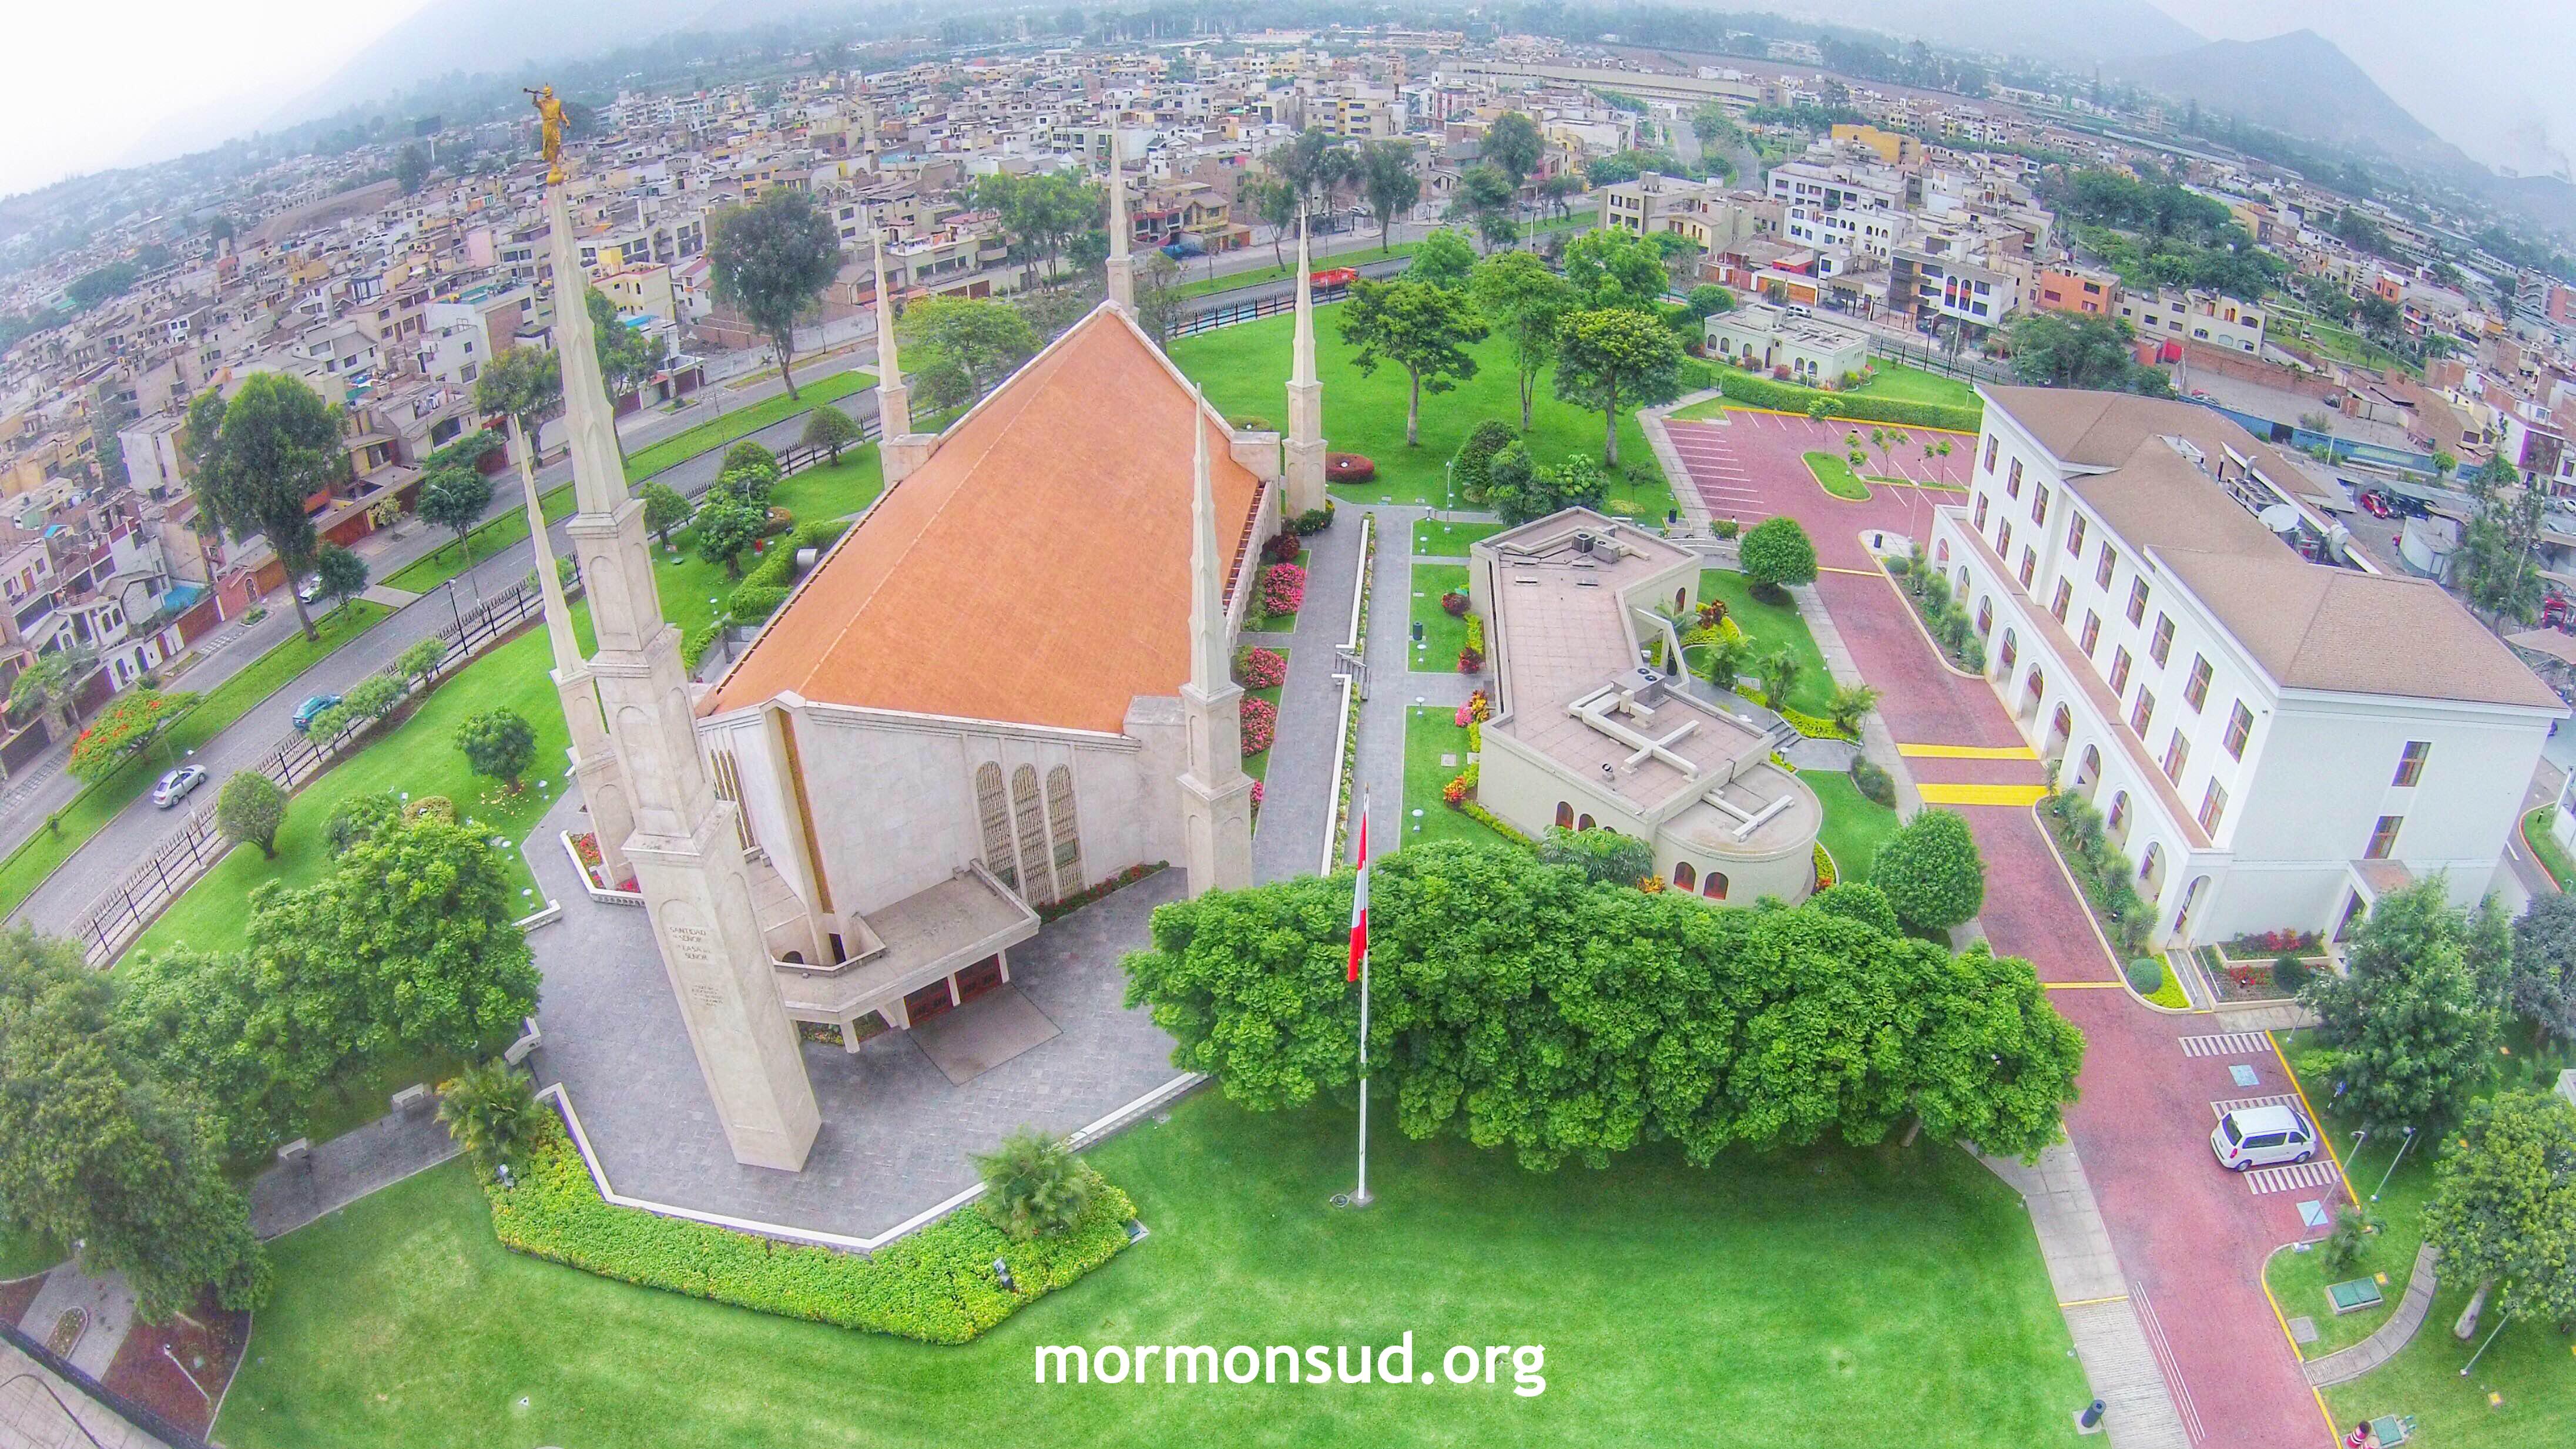 Templo de Lima Perú, ya tiene 30 años desde su dedicacón